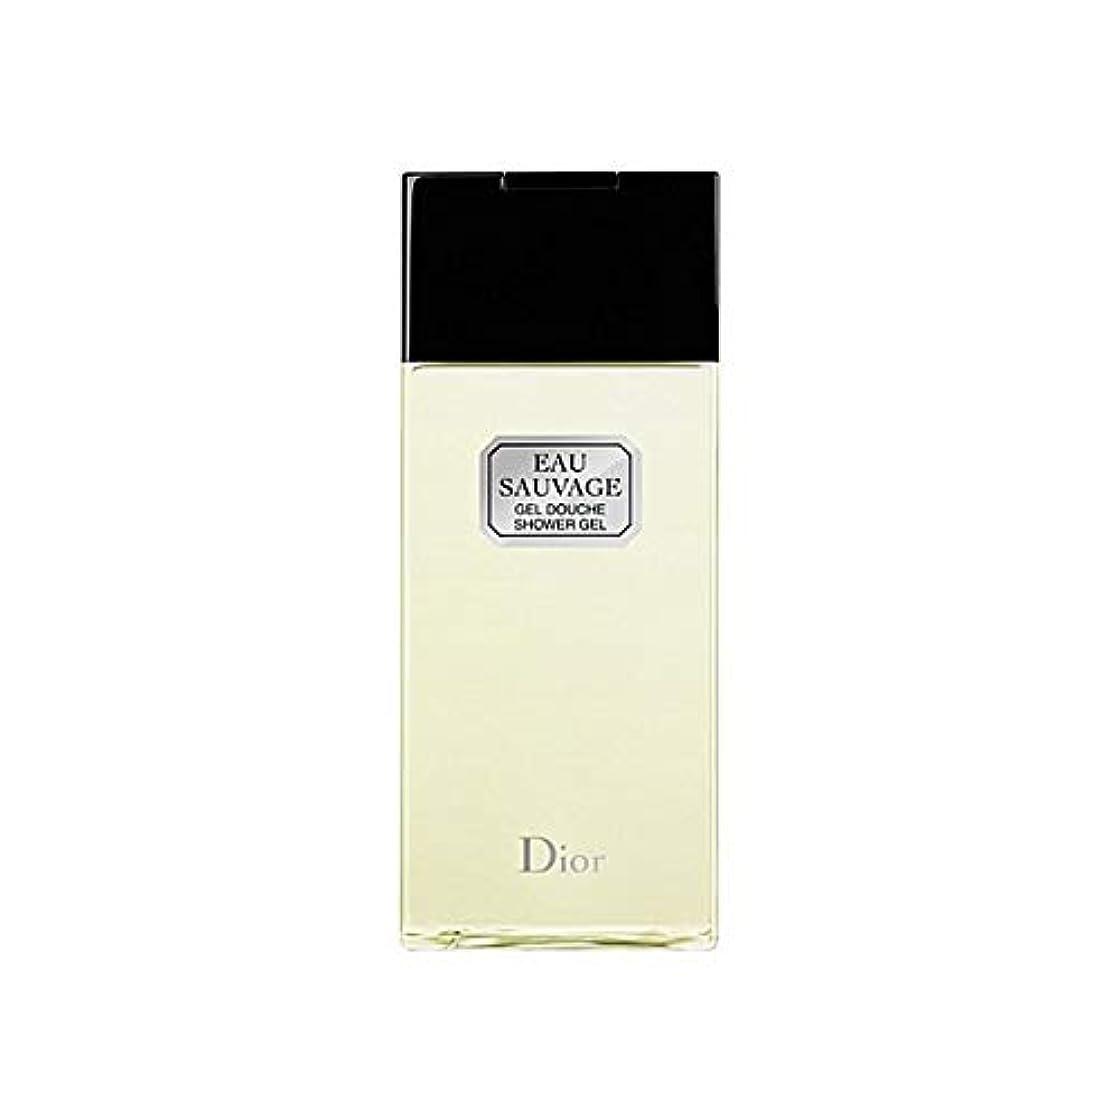 センチメンタルアルカトラズ島熱帯の[Dior ] ディオールオーソバージュシャワージェル200Ml - Dior Eau Sauvage Shower Gel 200ml [並行輸入品]